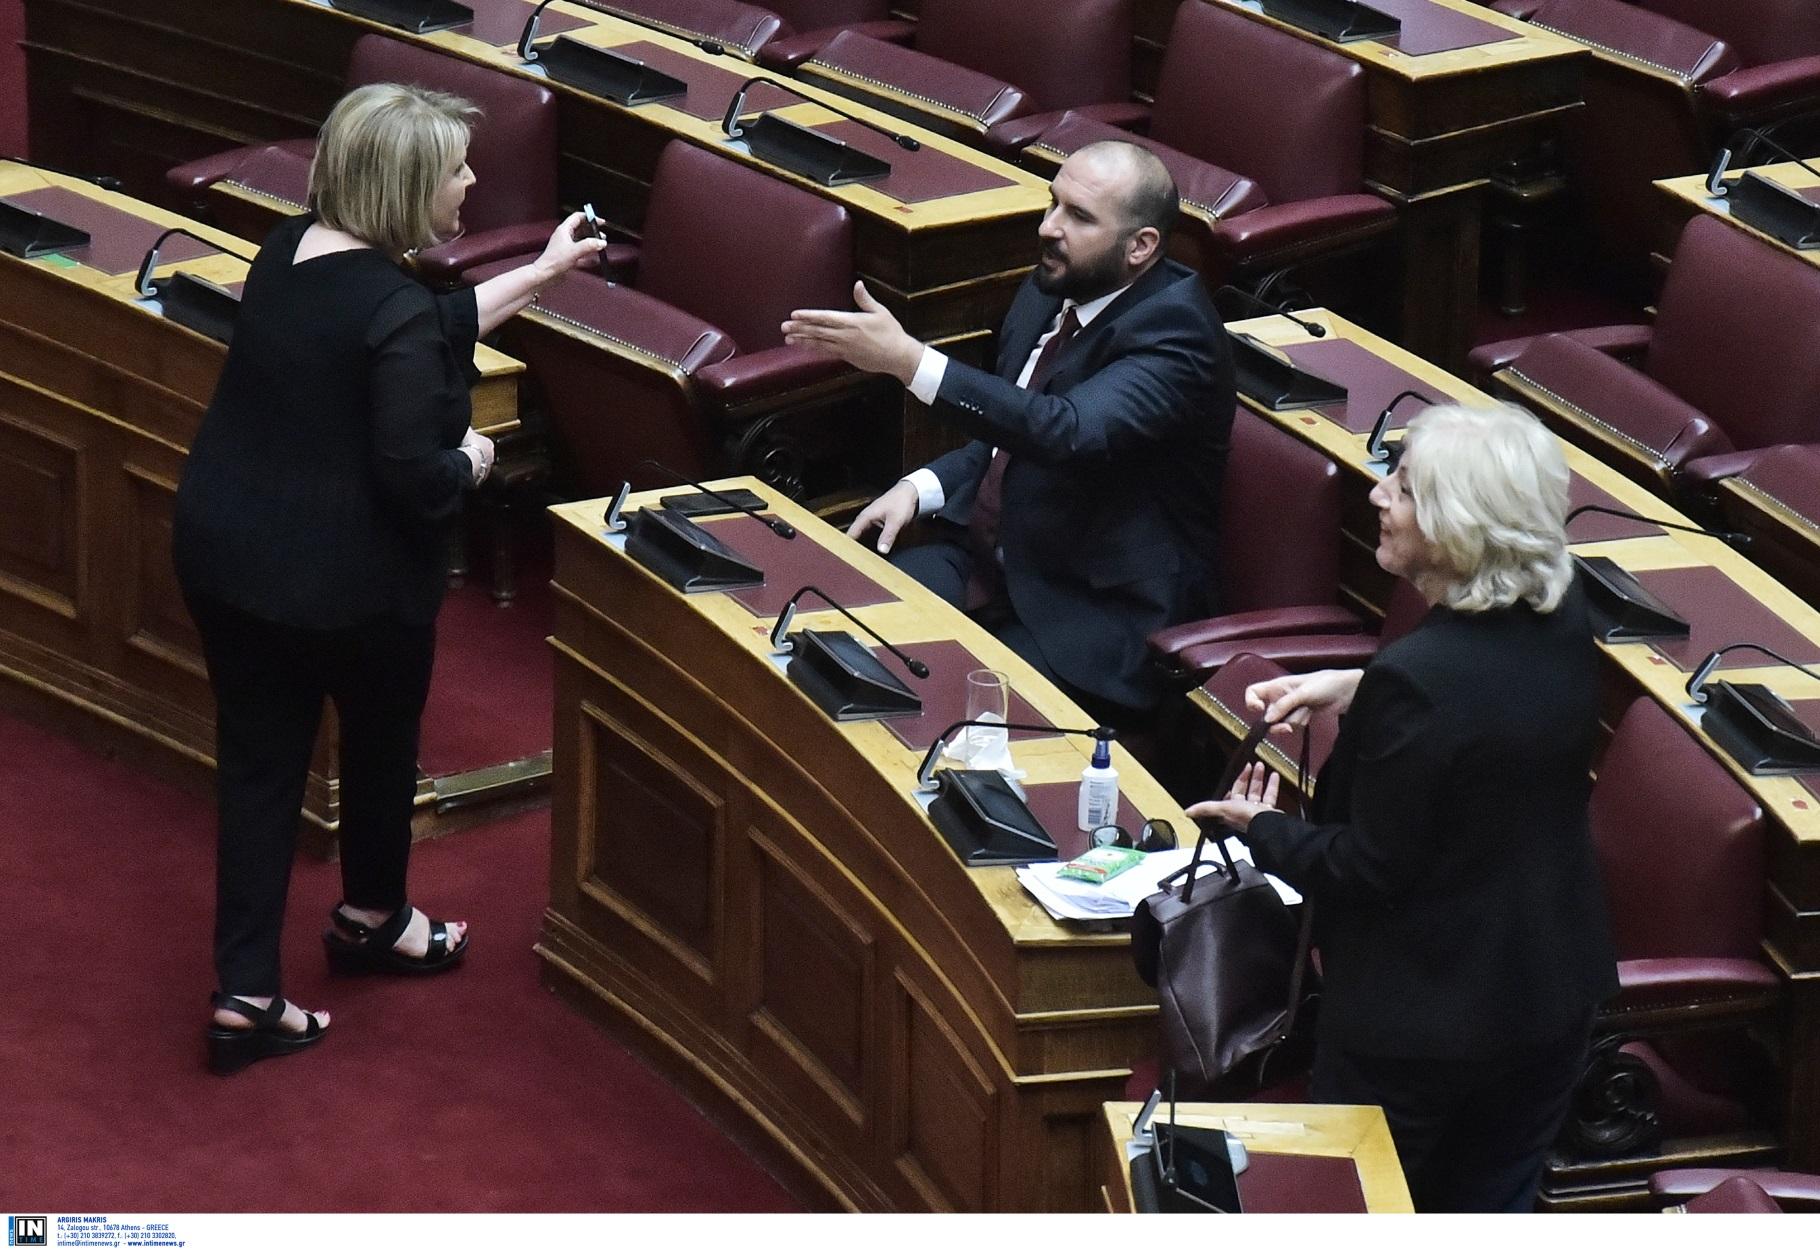 """Χοντρός καυγάς Βούλτεψη – Τζανακόπουλου στη Βουλή: Γιατί η """"γαλάζια"""" βουλευτής έδειχνε φωτογραφία Τσίπρα – Όρμπαν (pics)"""